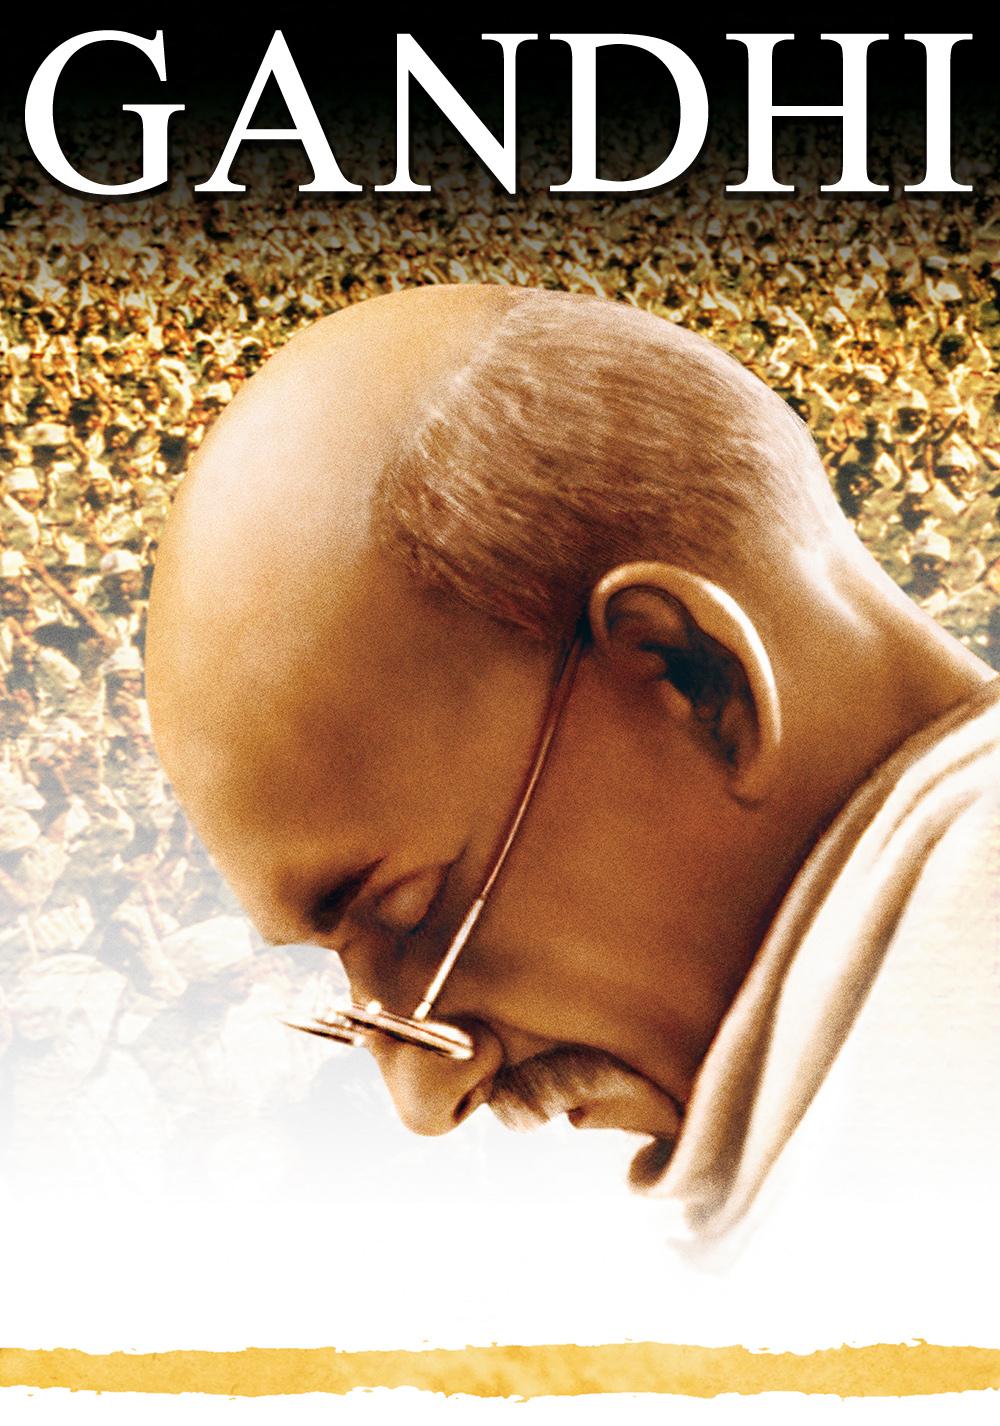 gandhi movie poster ile ilgili görsel sonucu